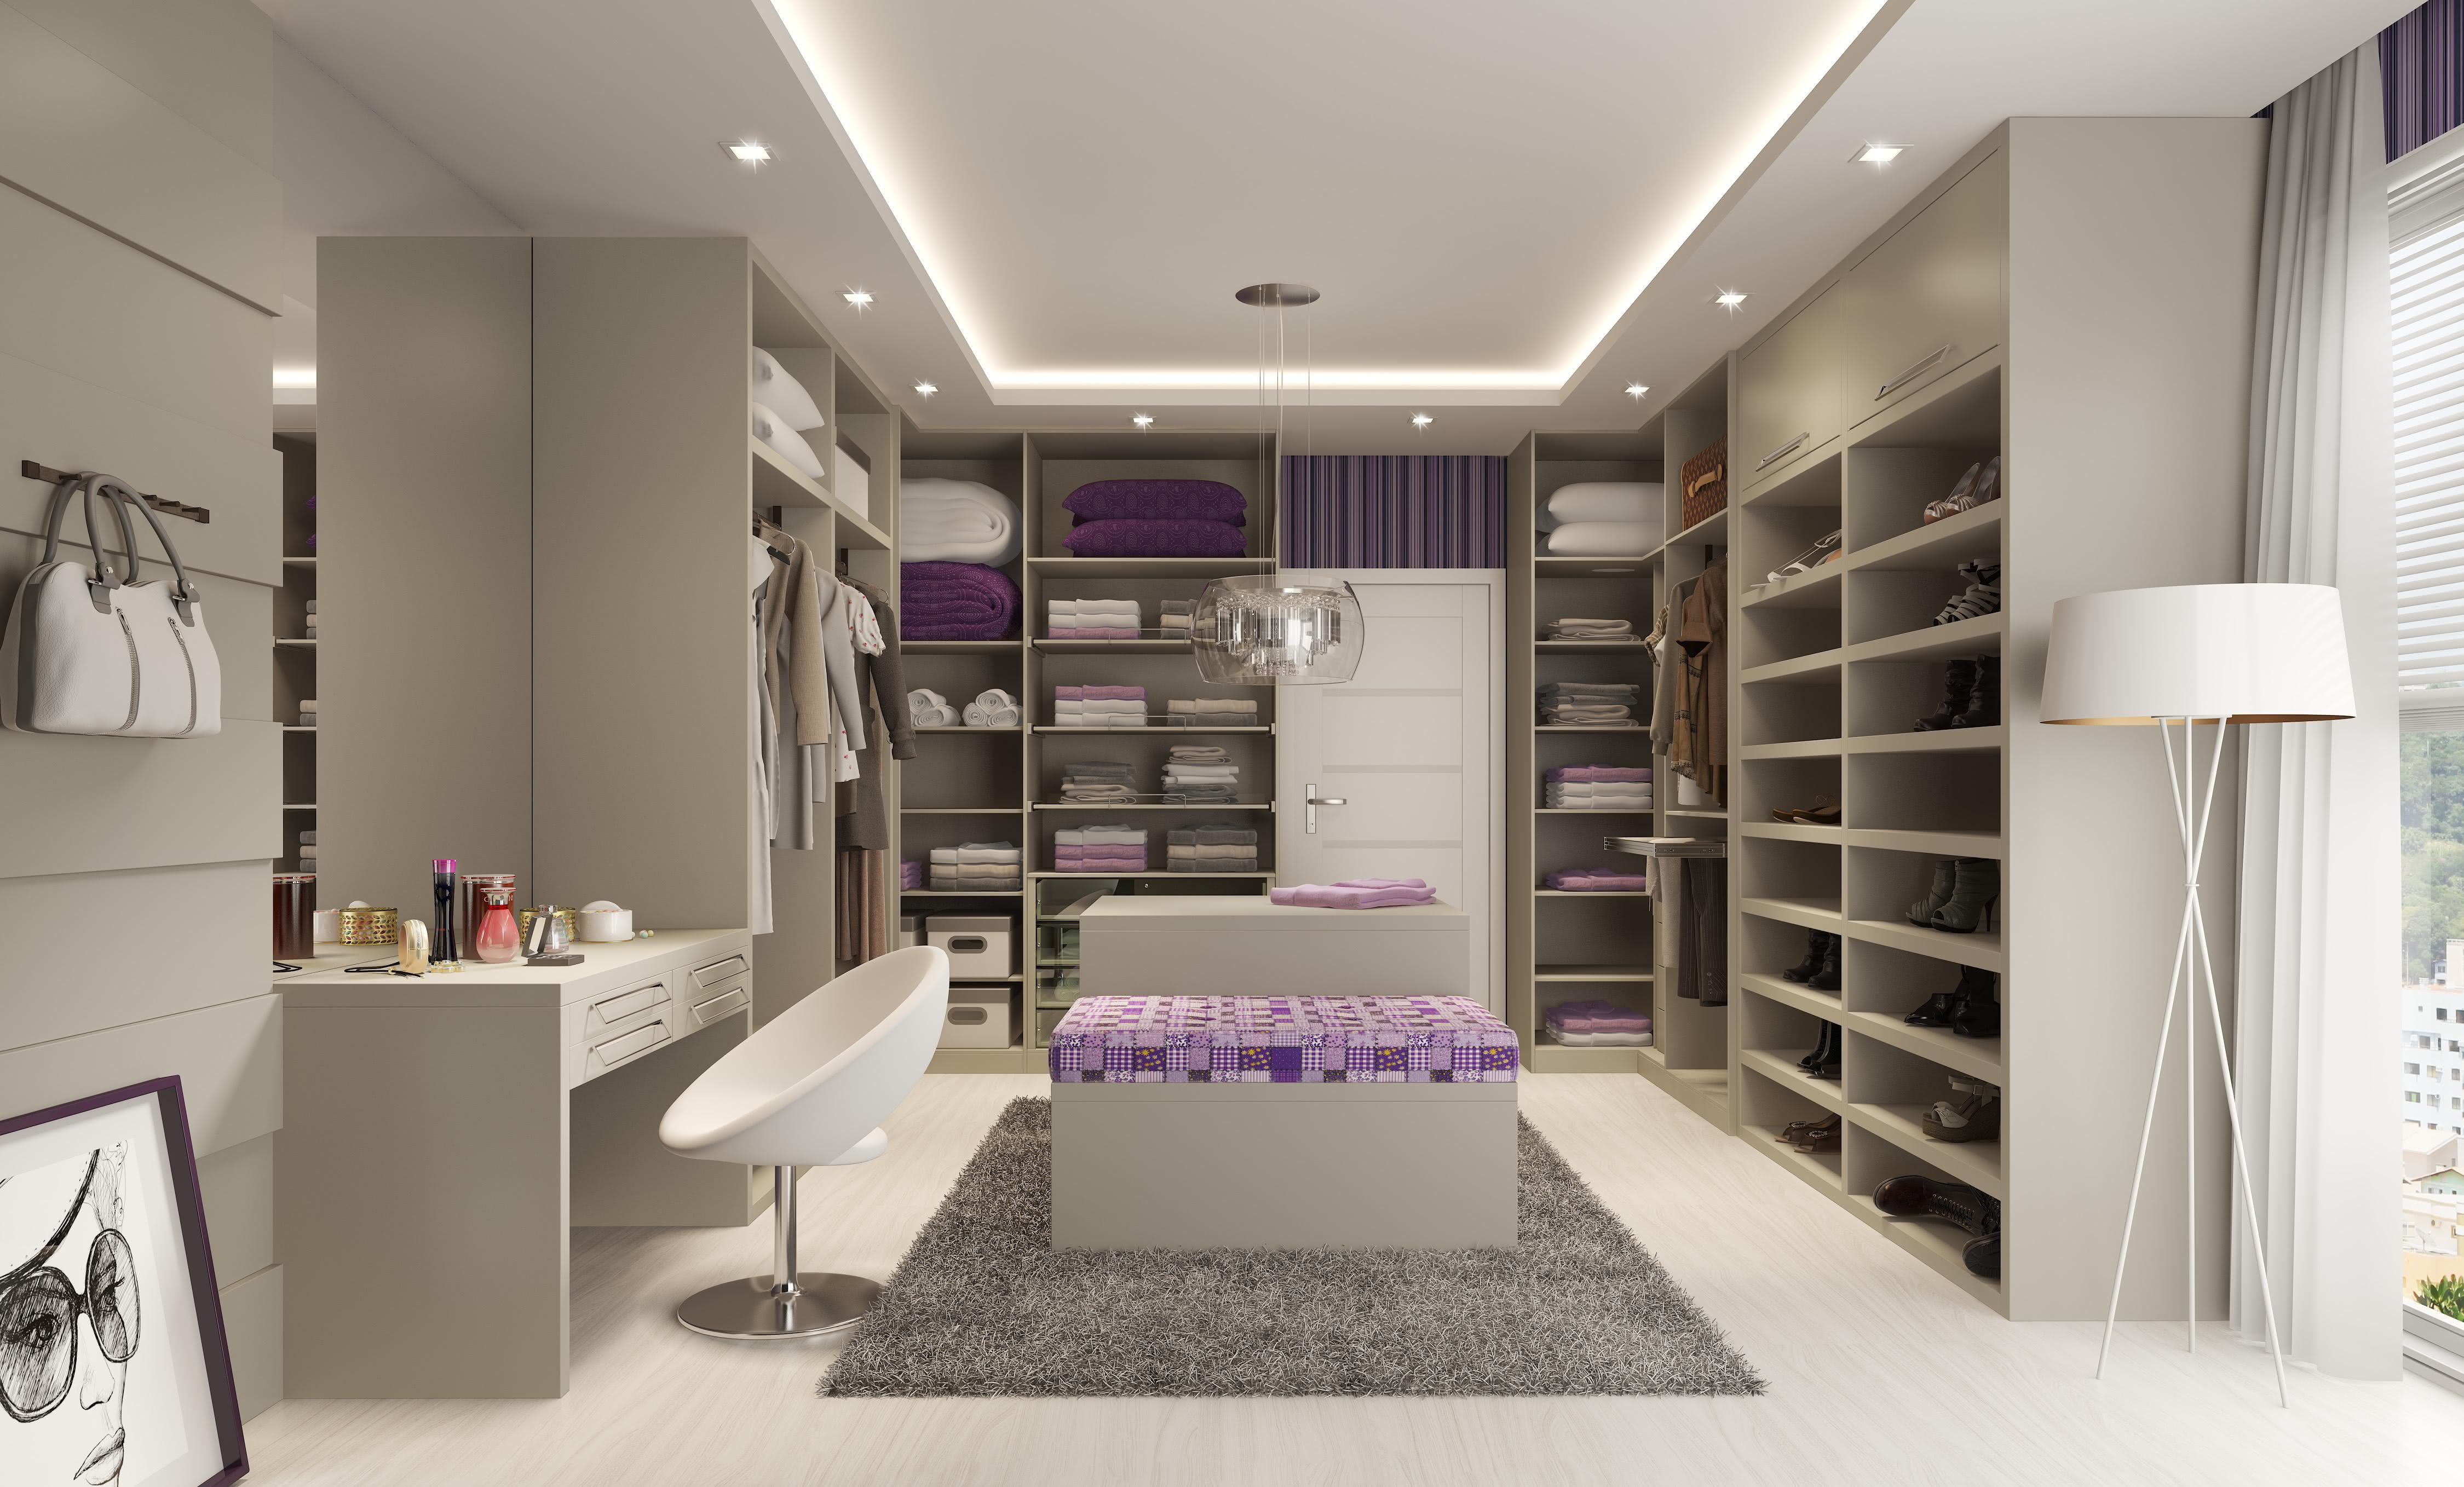 #4F385C 50 Closets Femininos Decorados Incríveis Fotos 4500x2716 px quarto simples com banheiro e closet